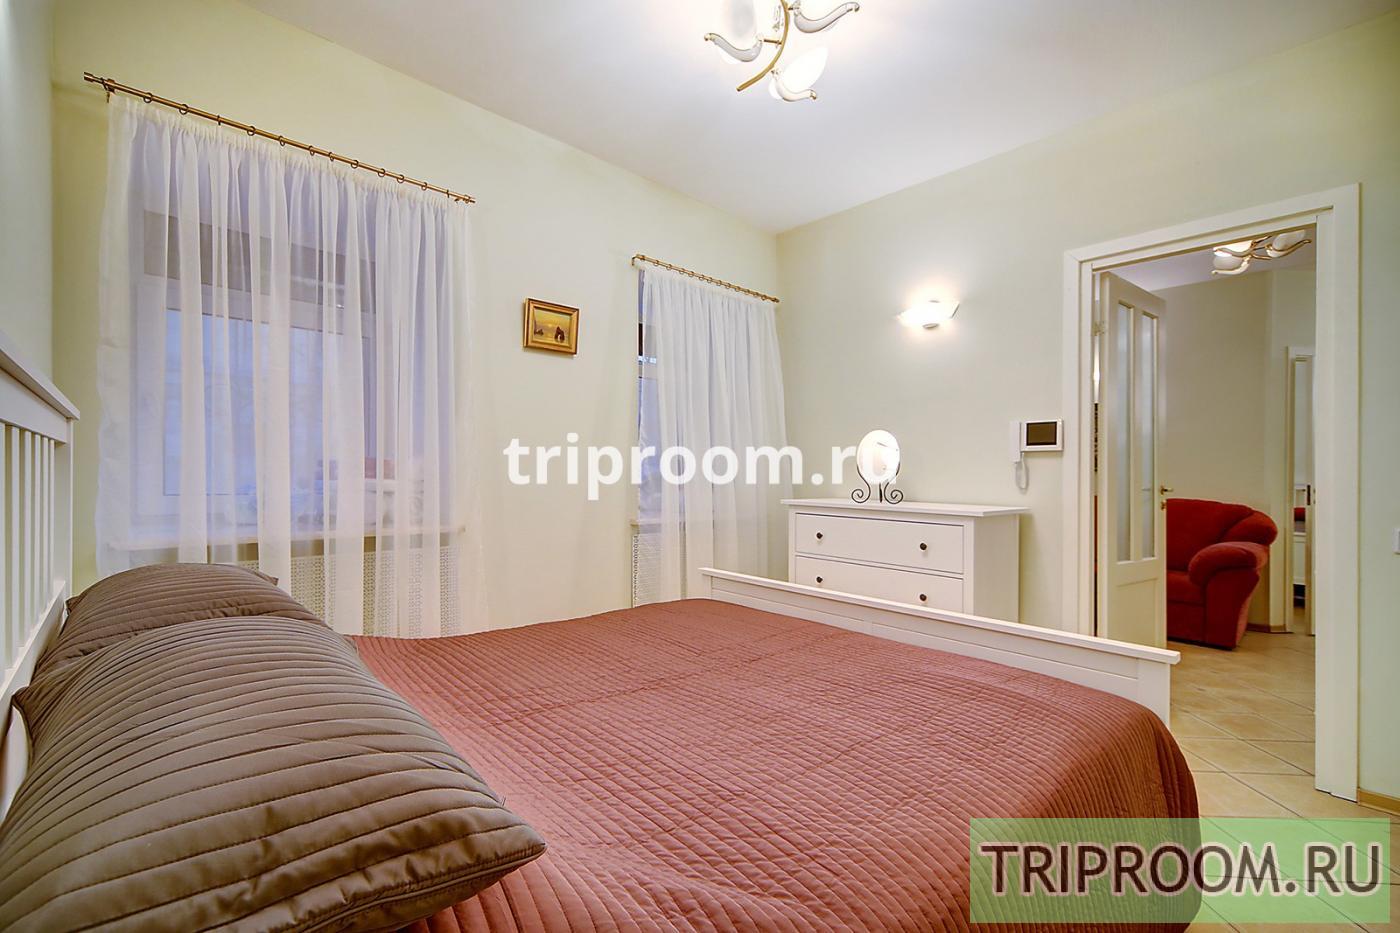 3-комнатная квартира посуточно (вариант № 14749), ул. Большая Конюшенная улица, фото № 7